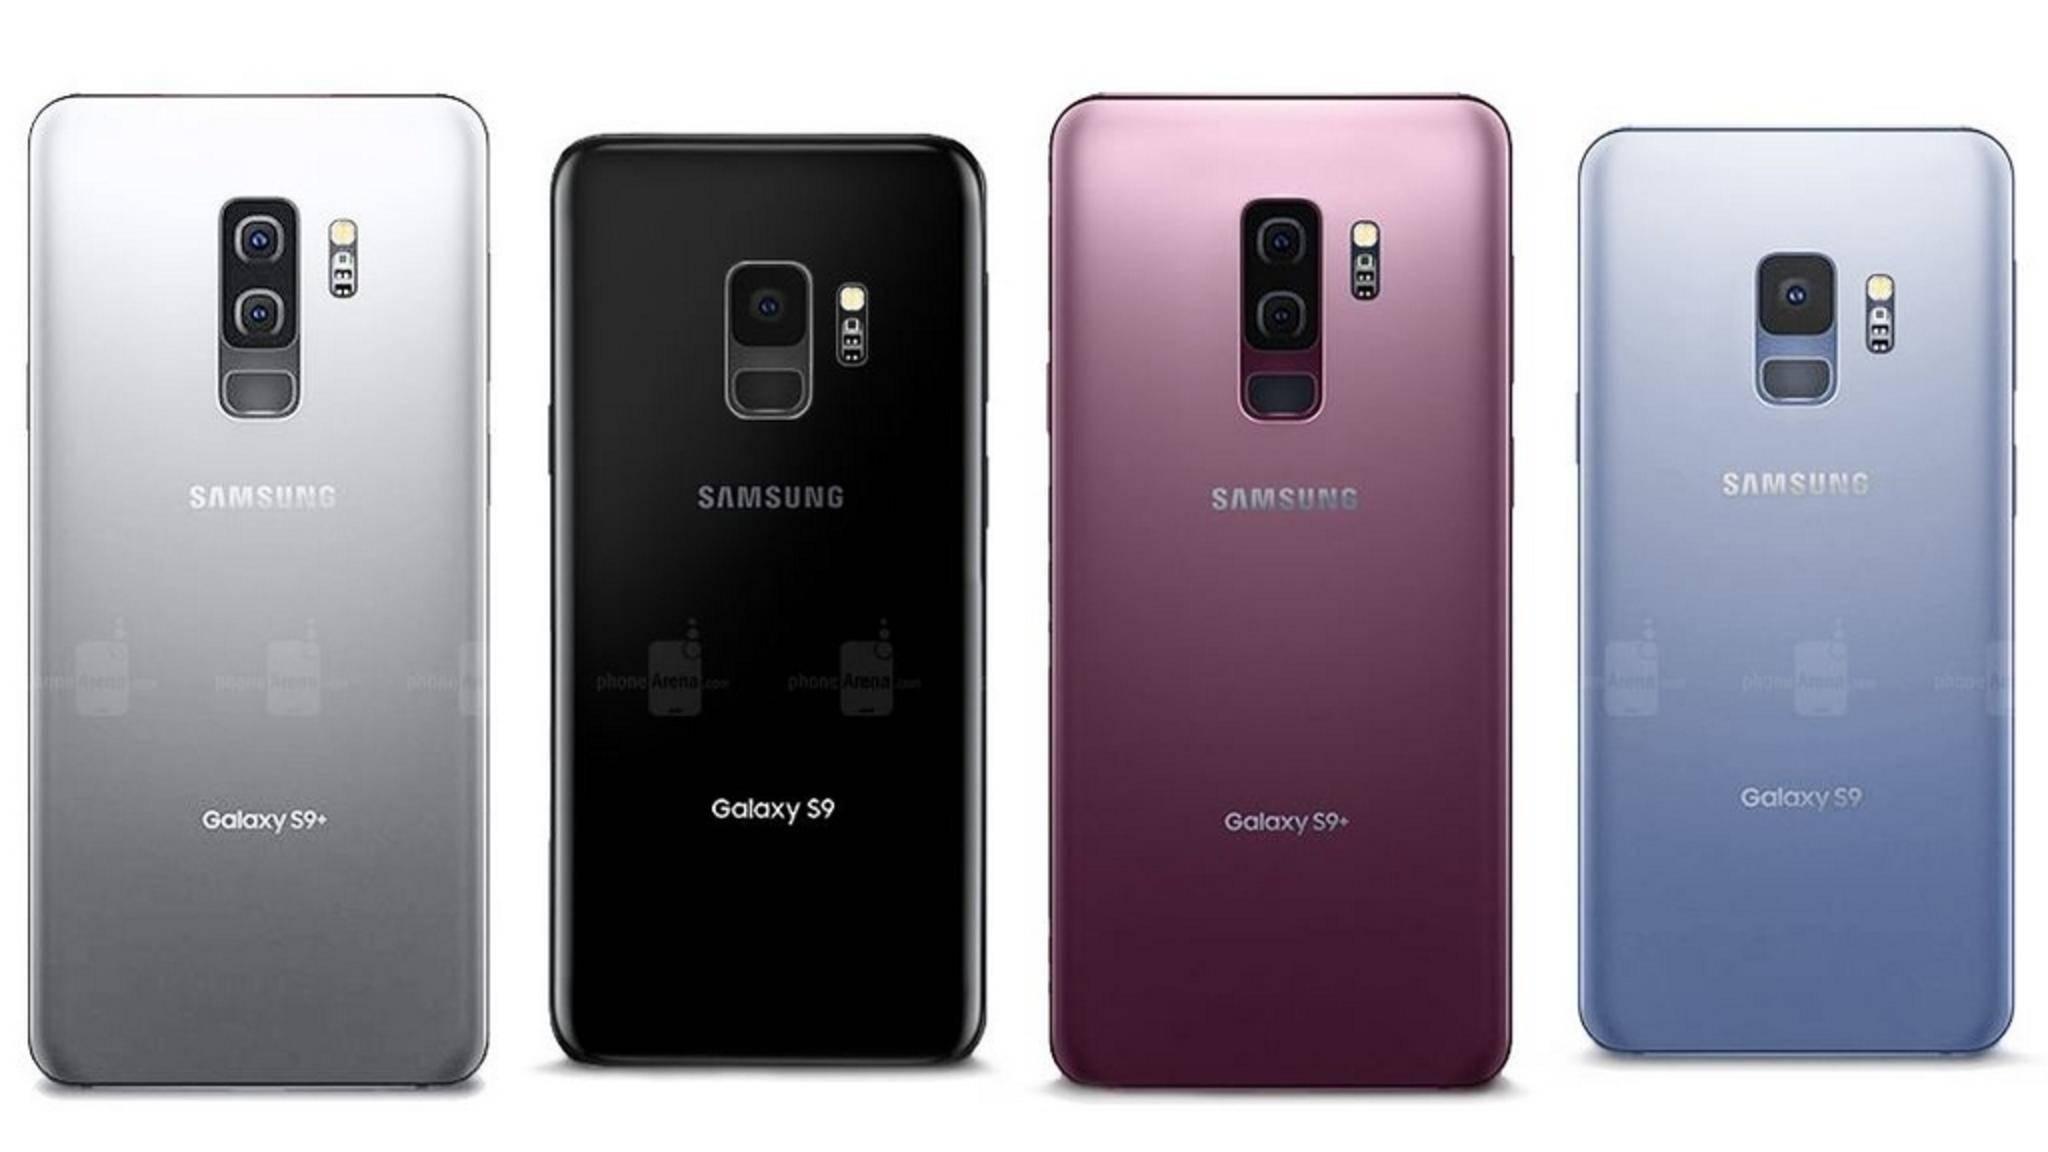 Das Galaxy S9 soll Mitte März in den Läden stehen.